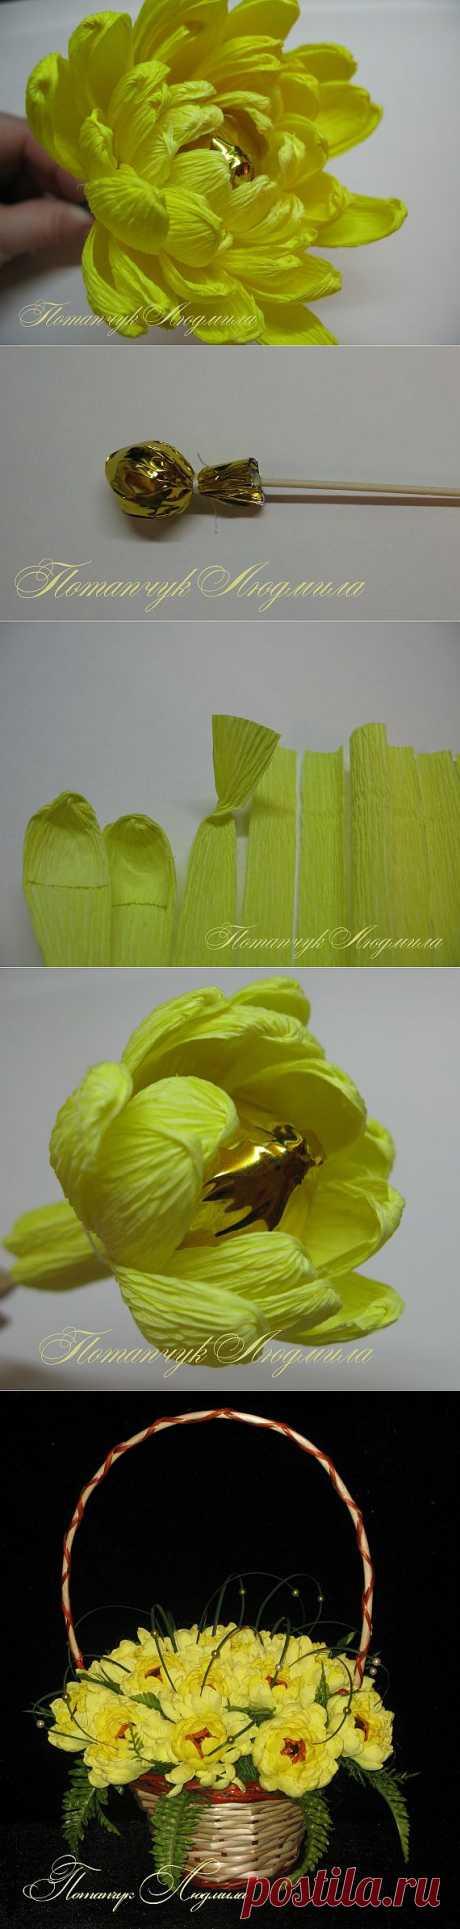 Мастер-класс по свит-дизайну. Конфетная хризантема. / Флористика, топиарии / PassionForum - мастер-классы по рукоделию